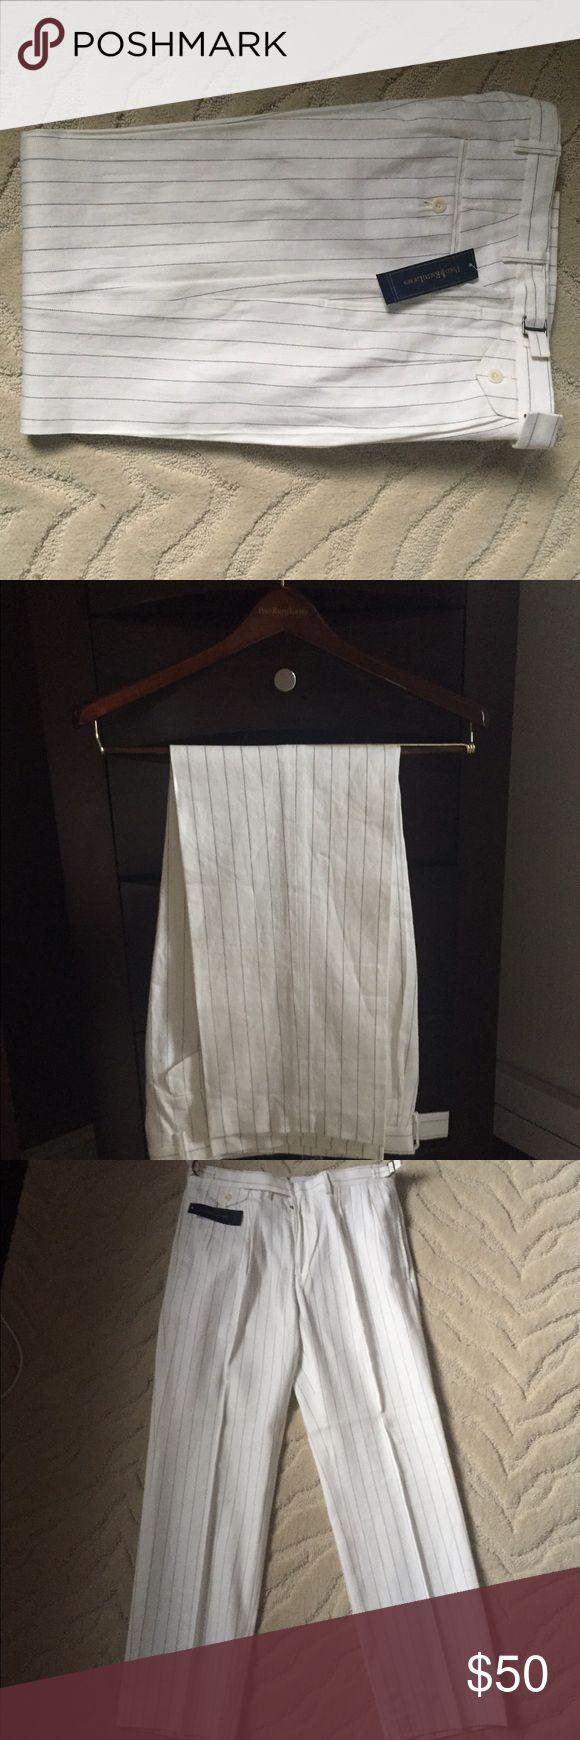 Polo Ralph Lauren Pinstriped Linnen/Cotton pants Polo Ralph Lauren pinstripe linen/cotton pants. New with tags. Size:32-30 Polo by Ralph Lauren Pants Chinos & Khakis